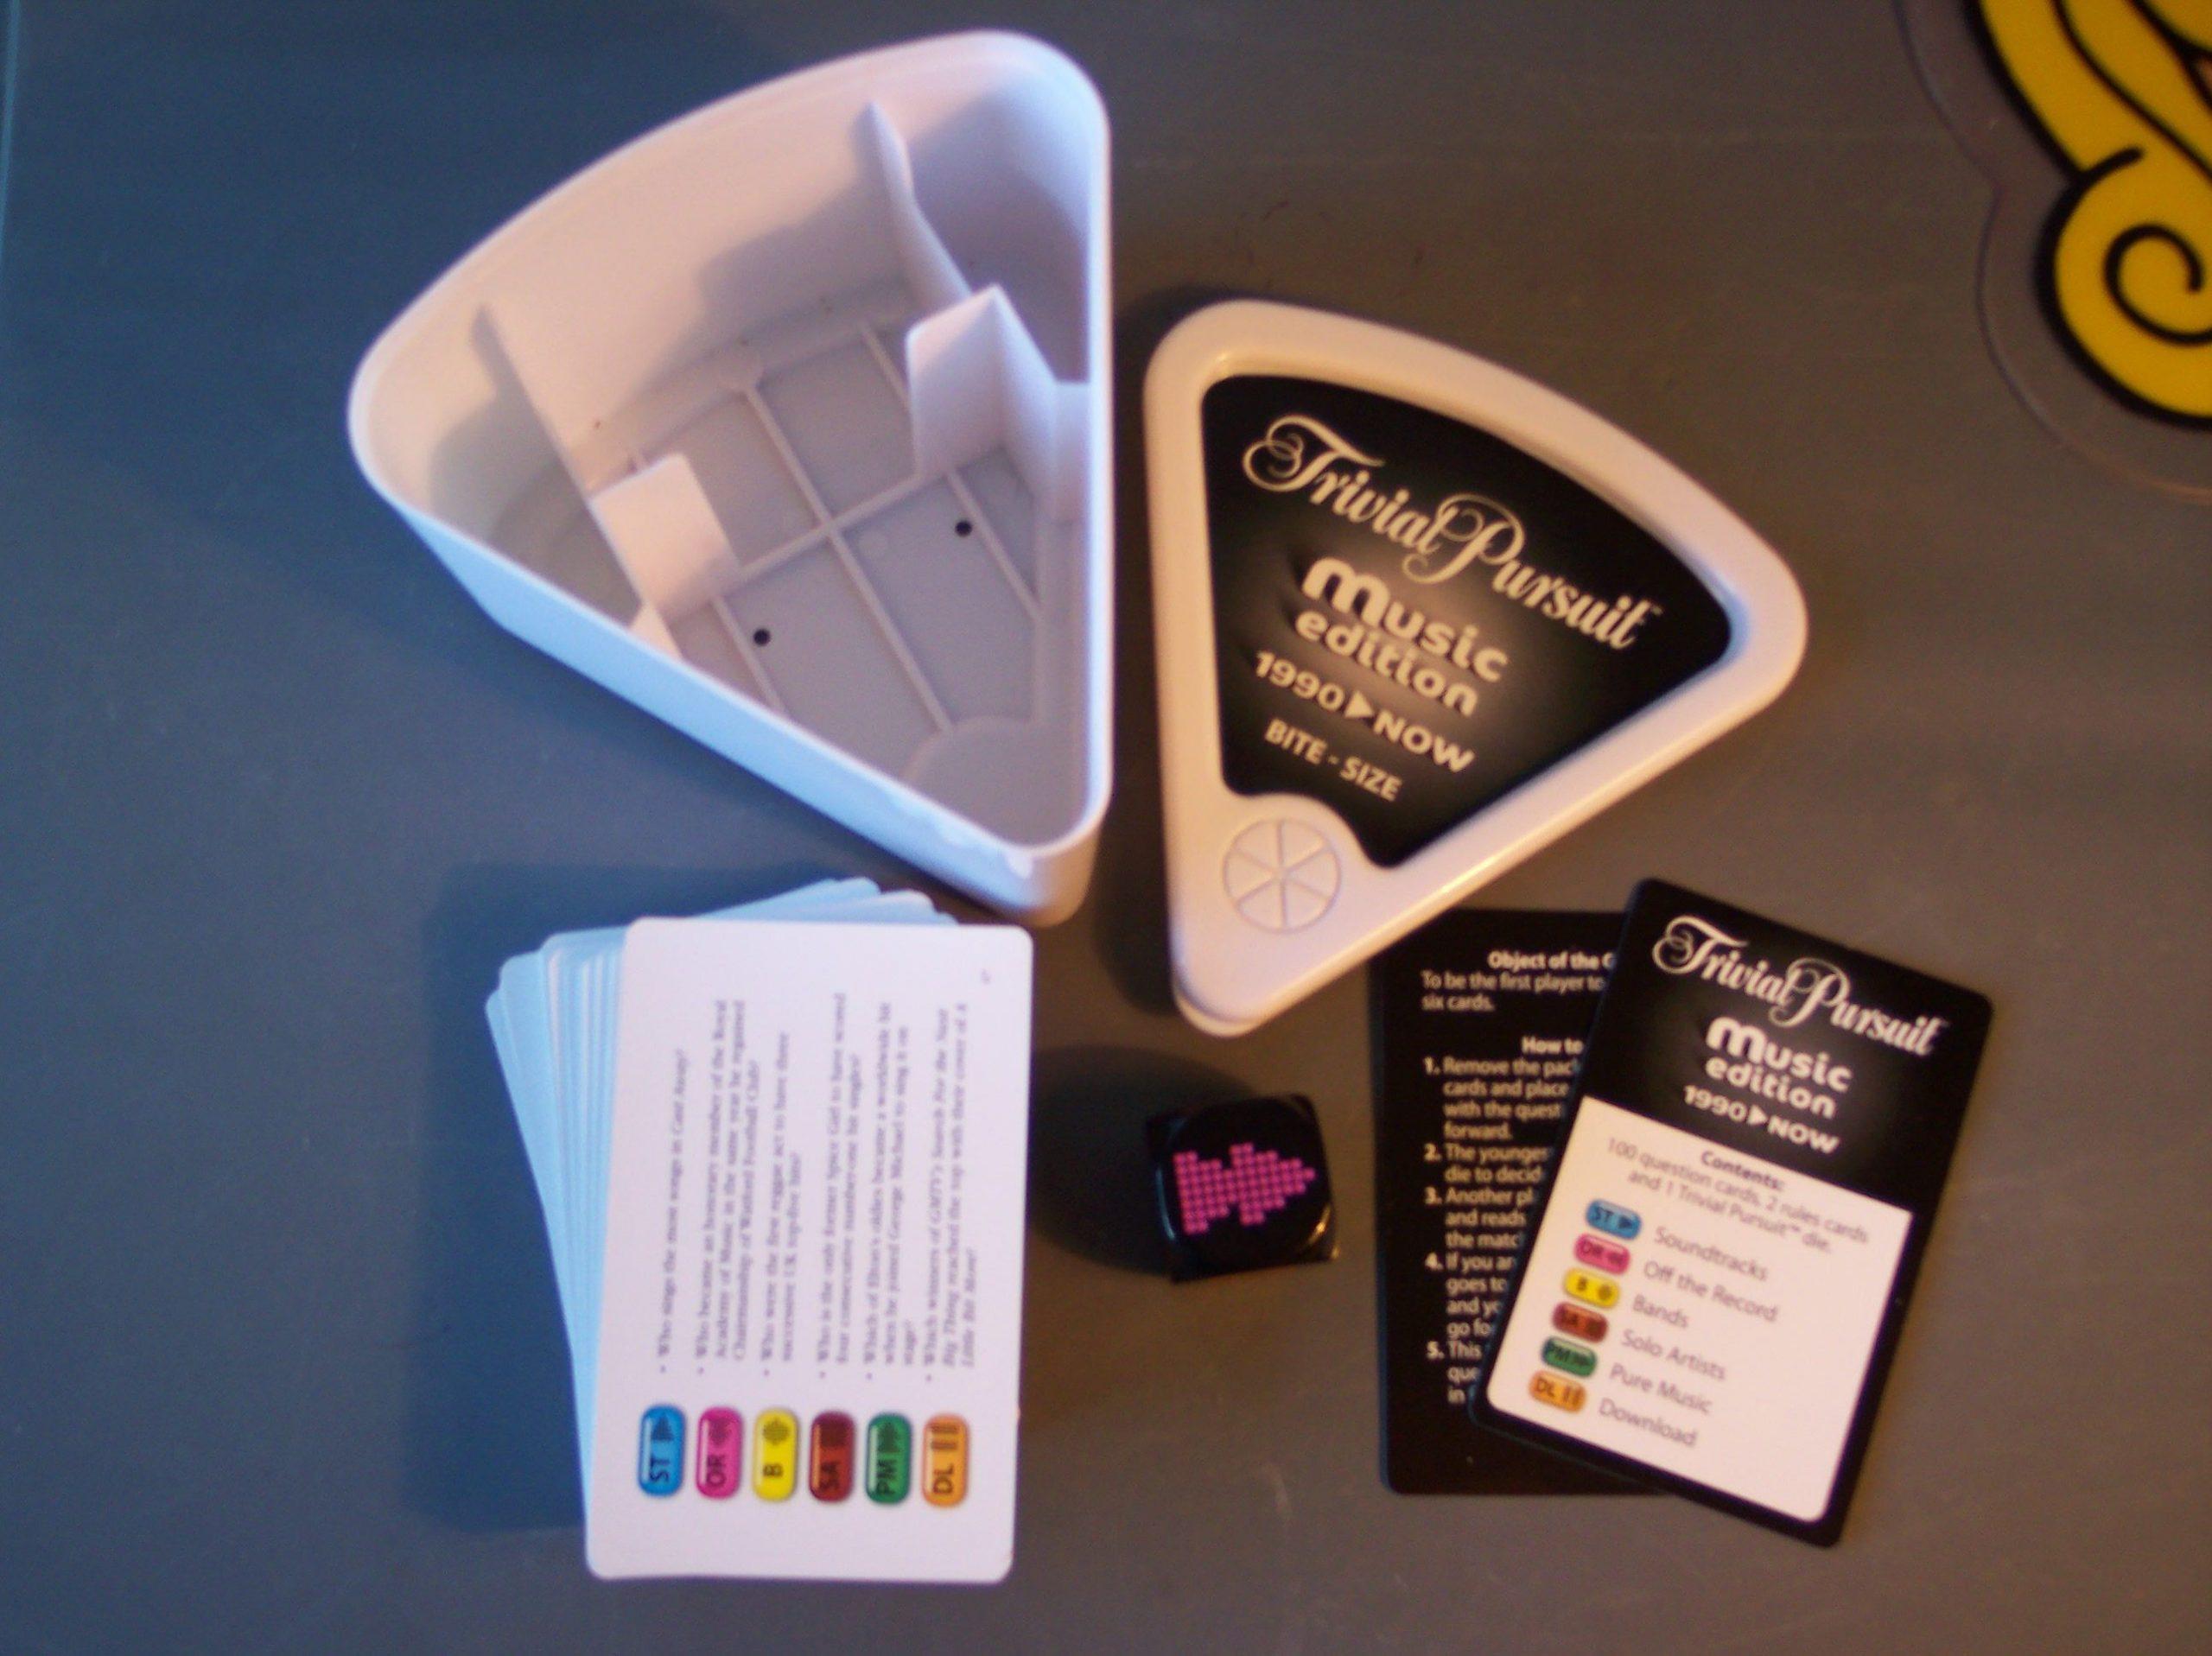 настольная игра Trivial Pursuit: Music Edition 1990-Now – Bite-size Trivial Pursuit: Music Edition с 1990 г. по настоящее время - Небольшой размер